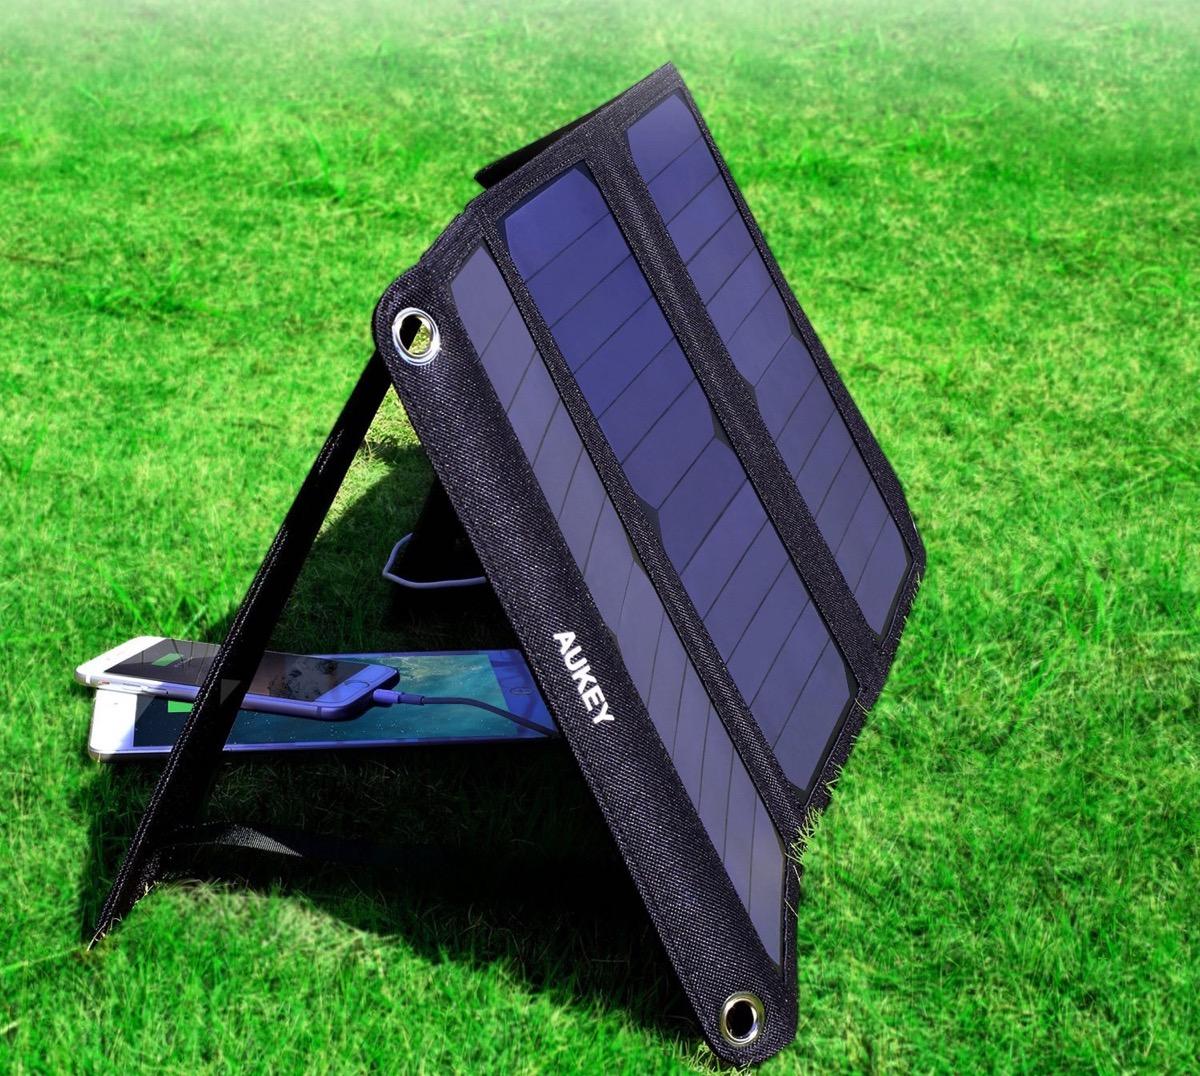 Pannello Solare Offerte : Pannello solare da w ricarica cellulari e batterie